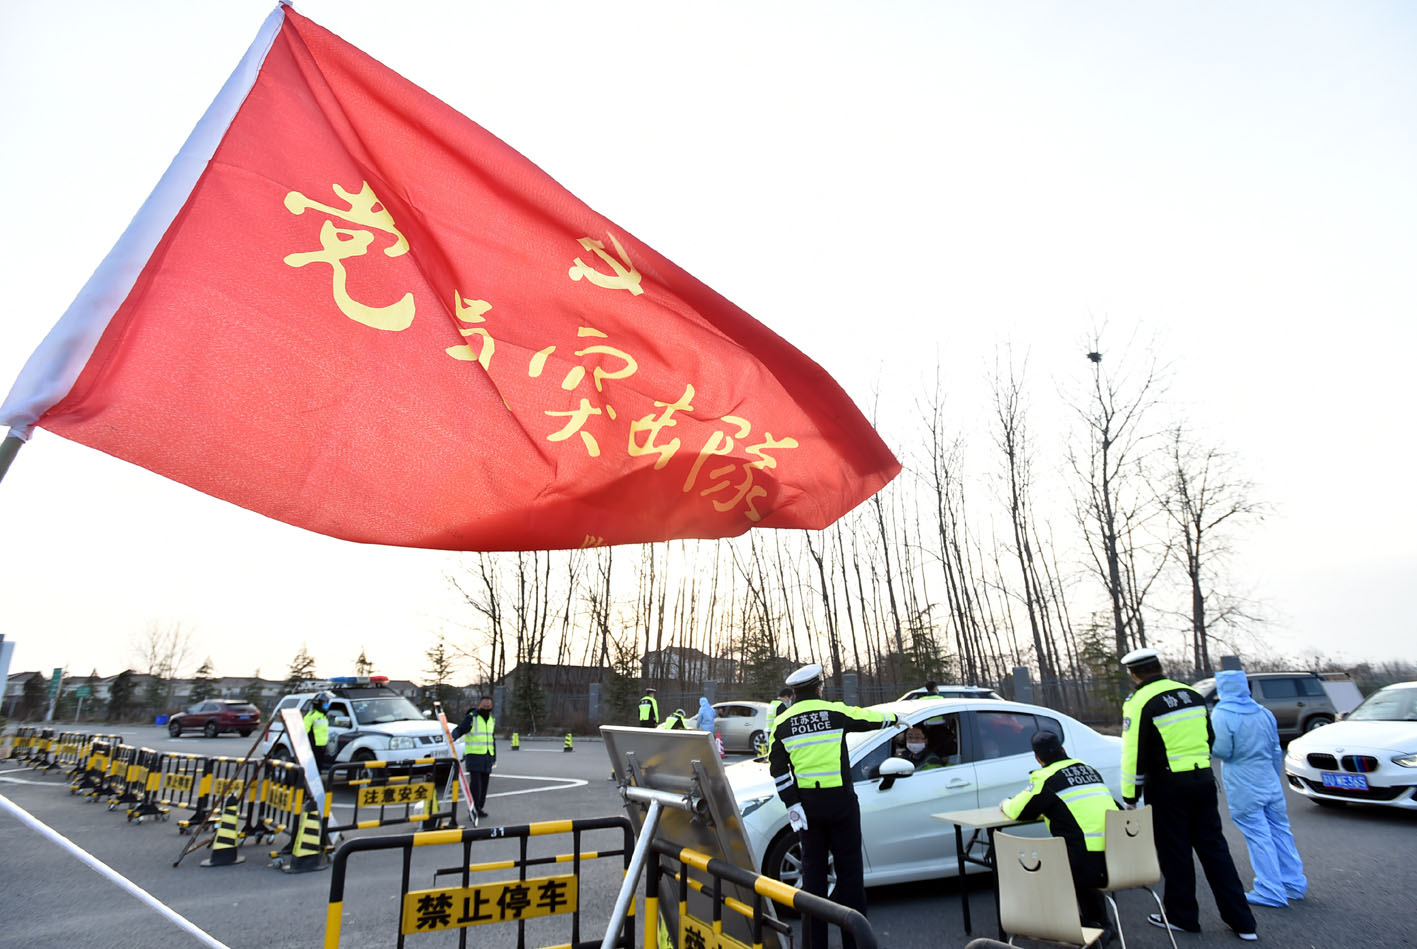 高速服務區黨員突擊隊 多兵種聯合作戰